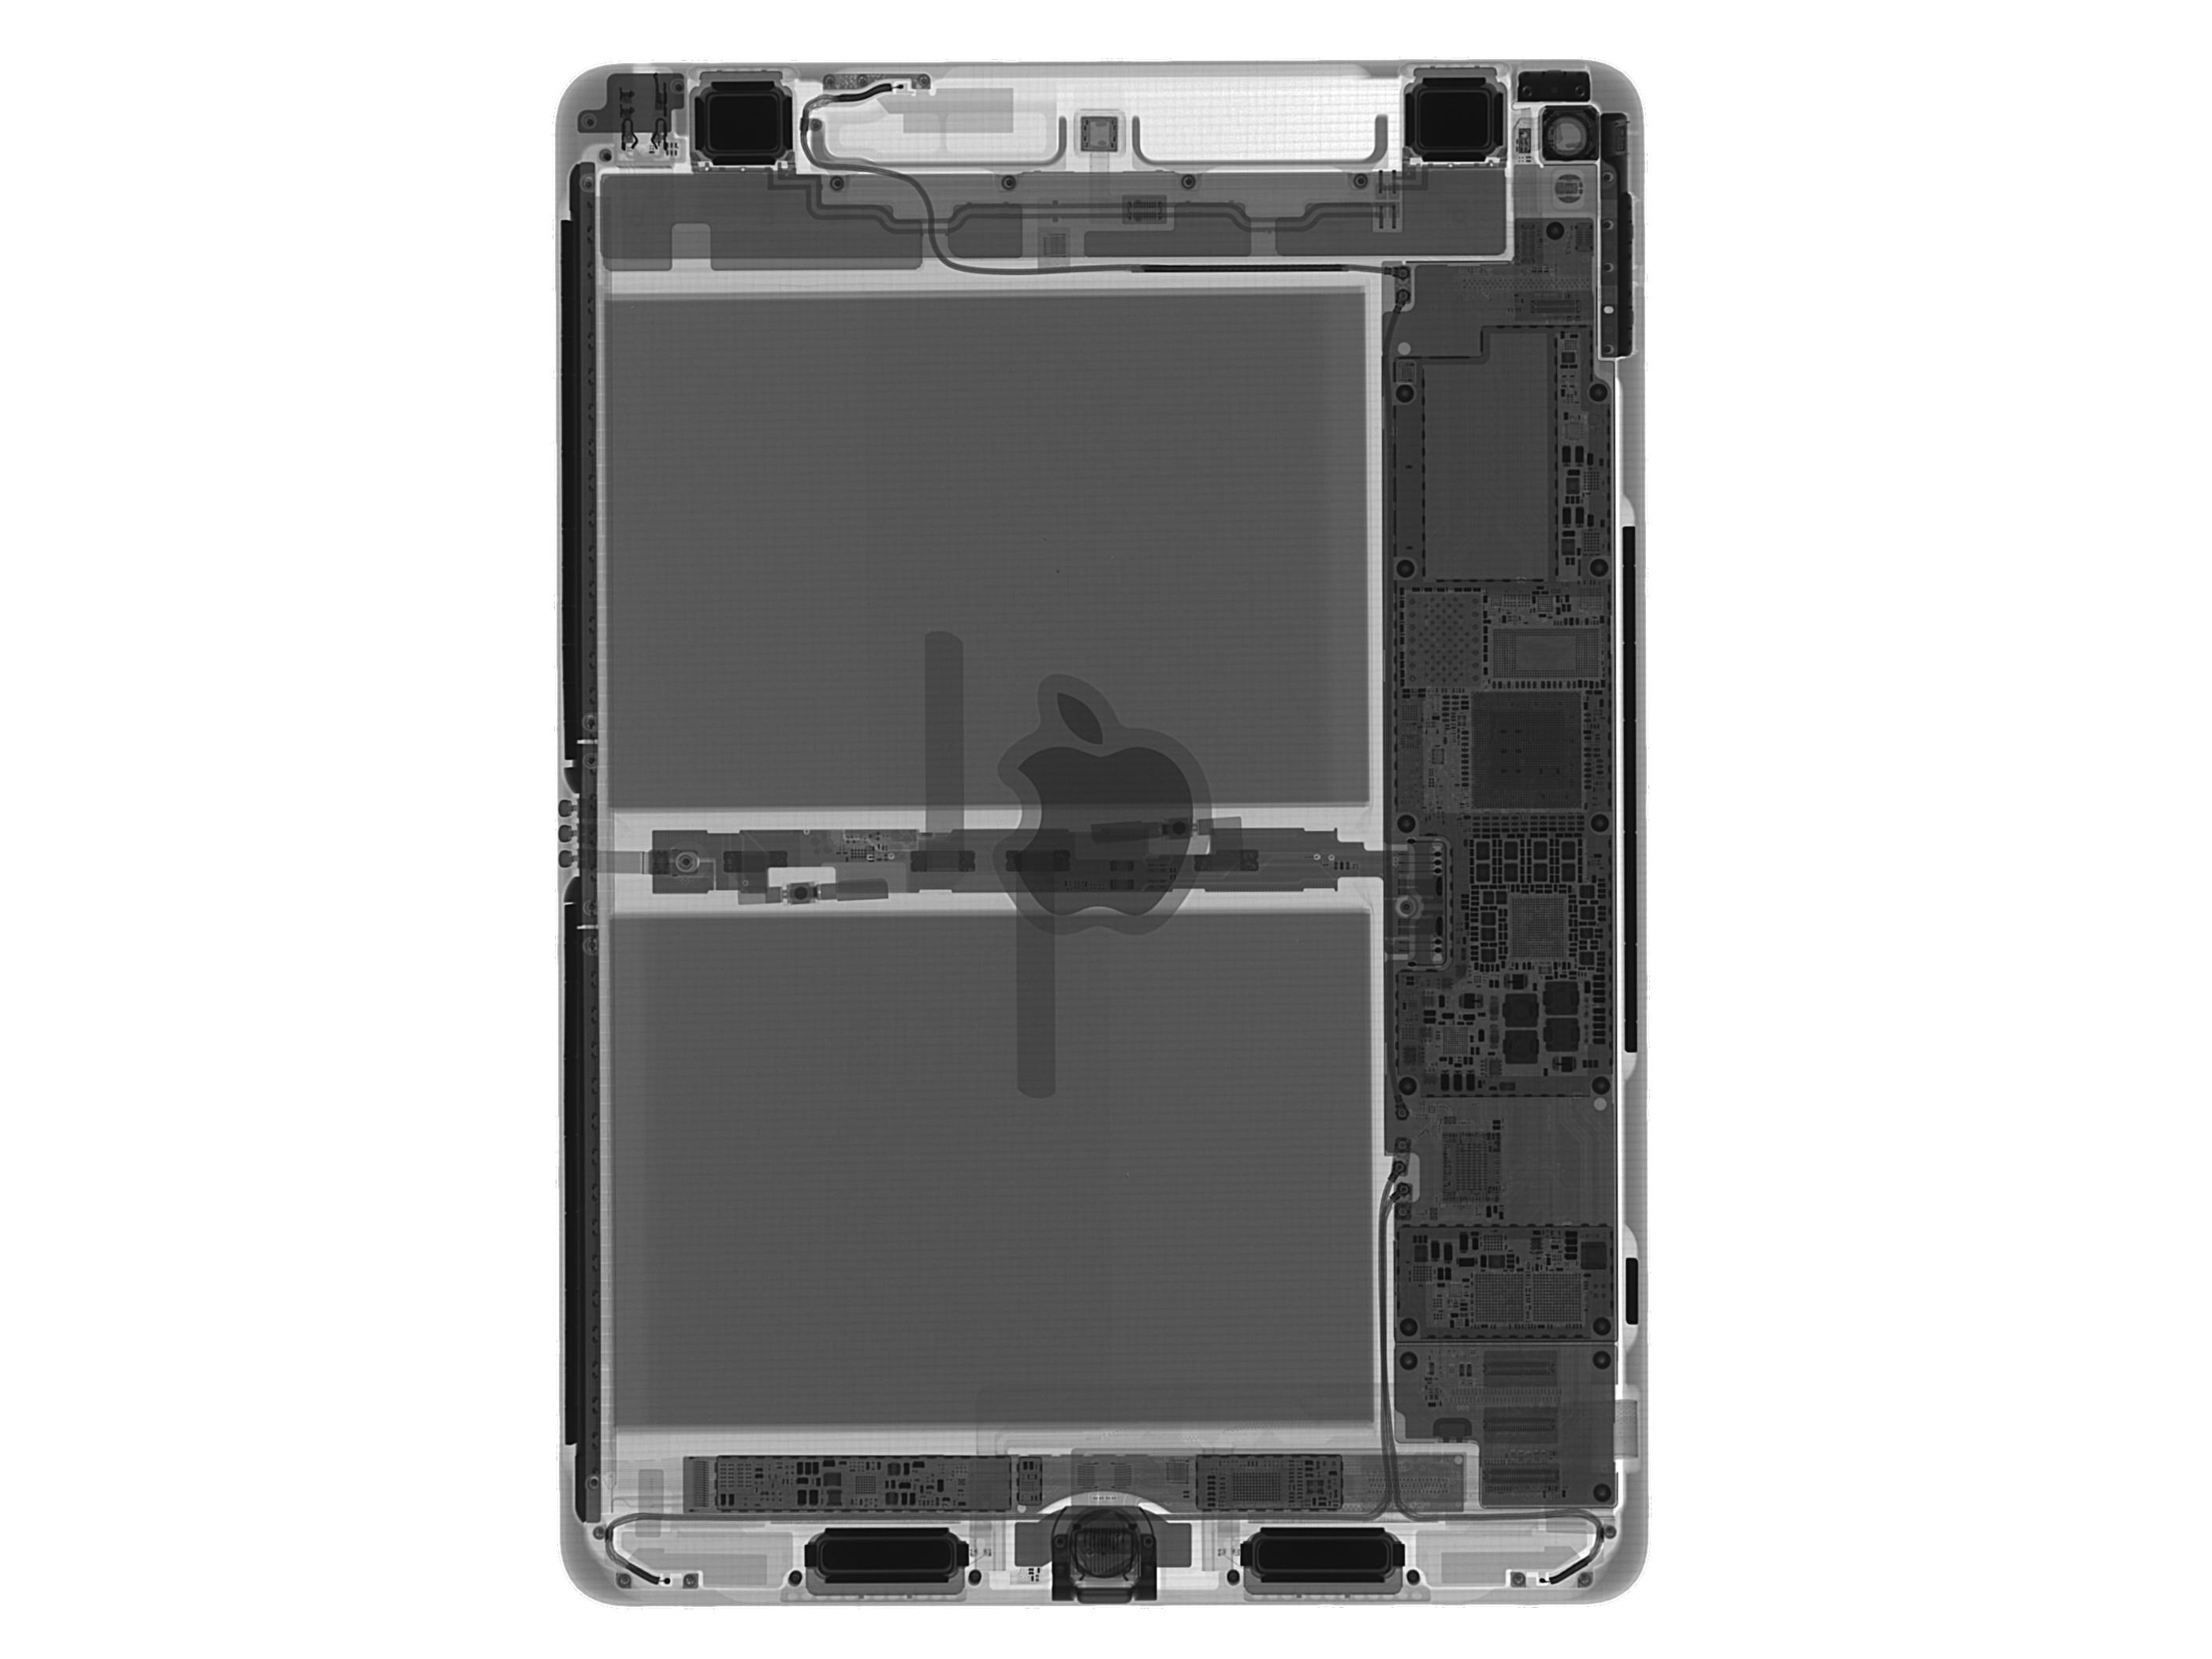 ipad_pro9,7_x-ray